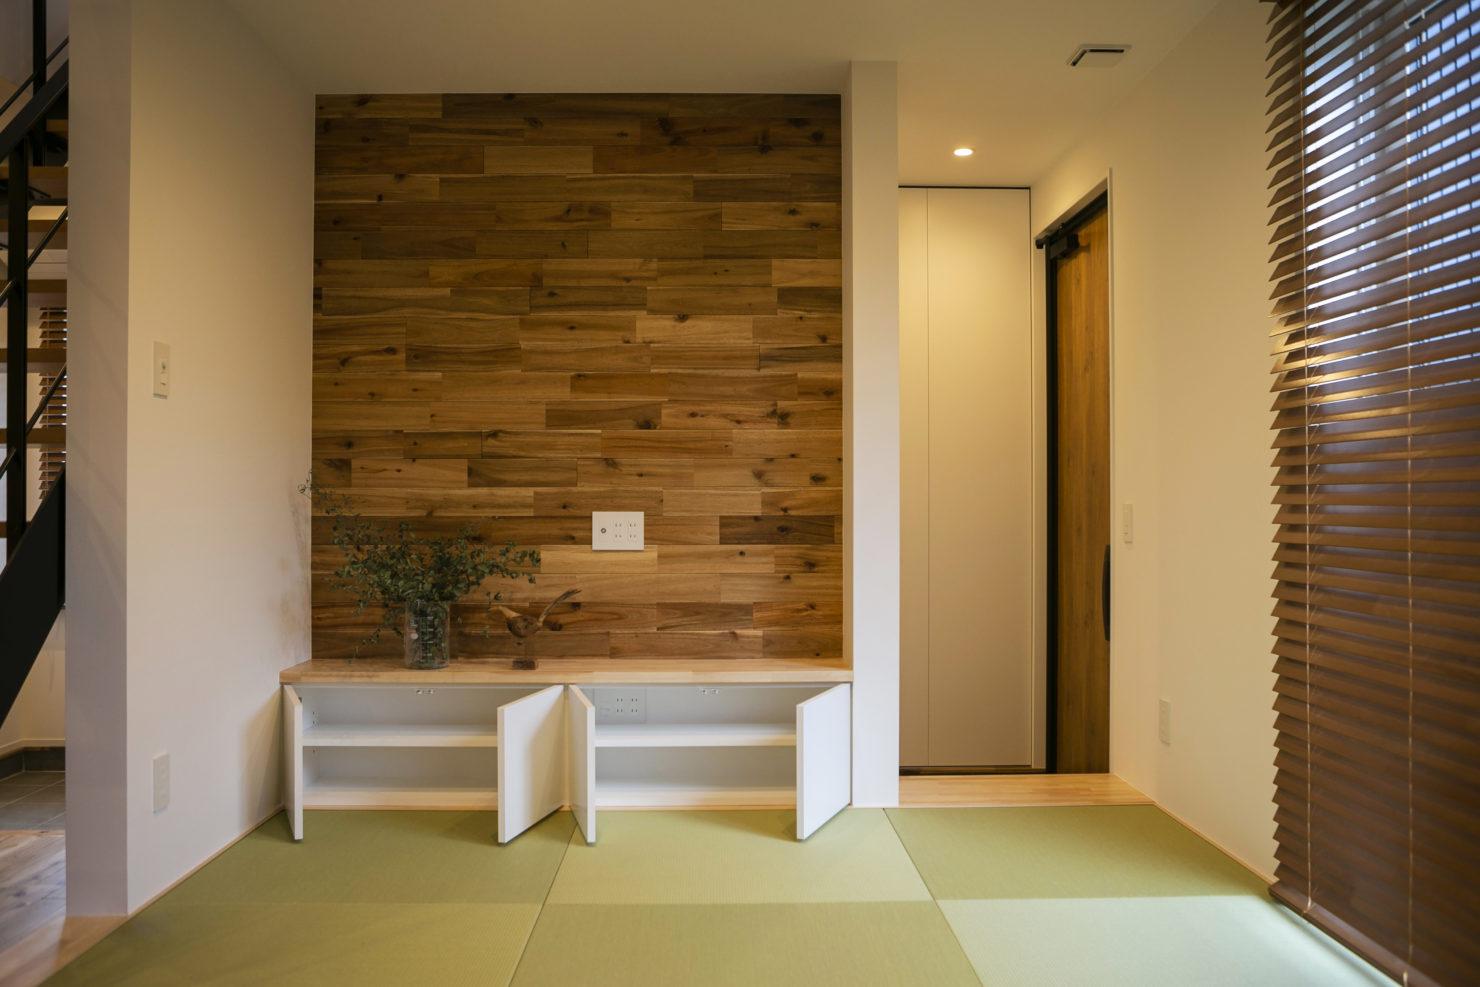 ハウスM21+archi「普段の生活で使いやすく、かつ広く見える工夫を」リビング写真